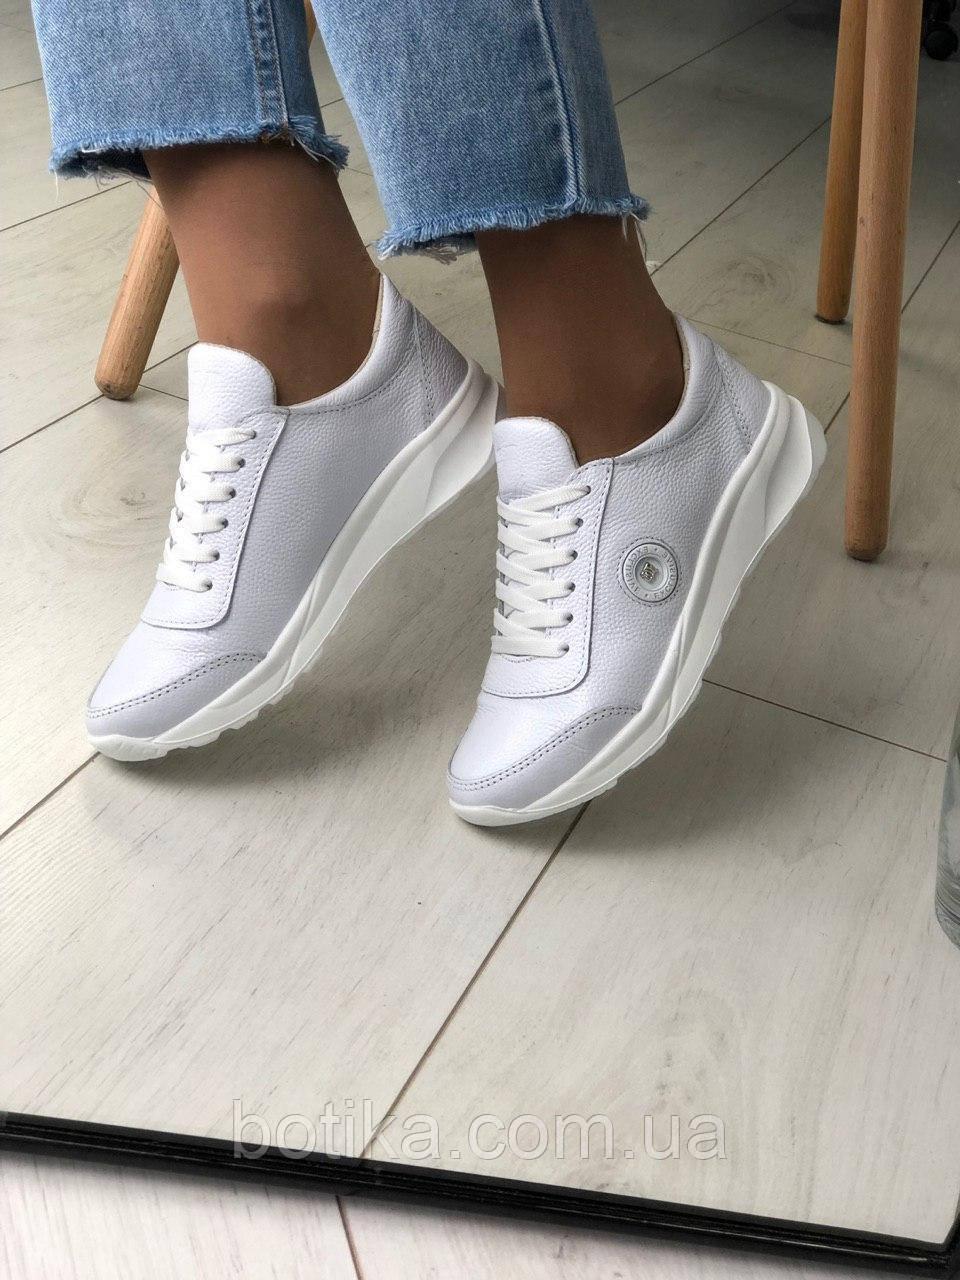 Классные кожаные женские кроссовки на шнурках белые